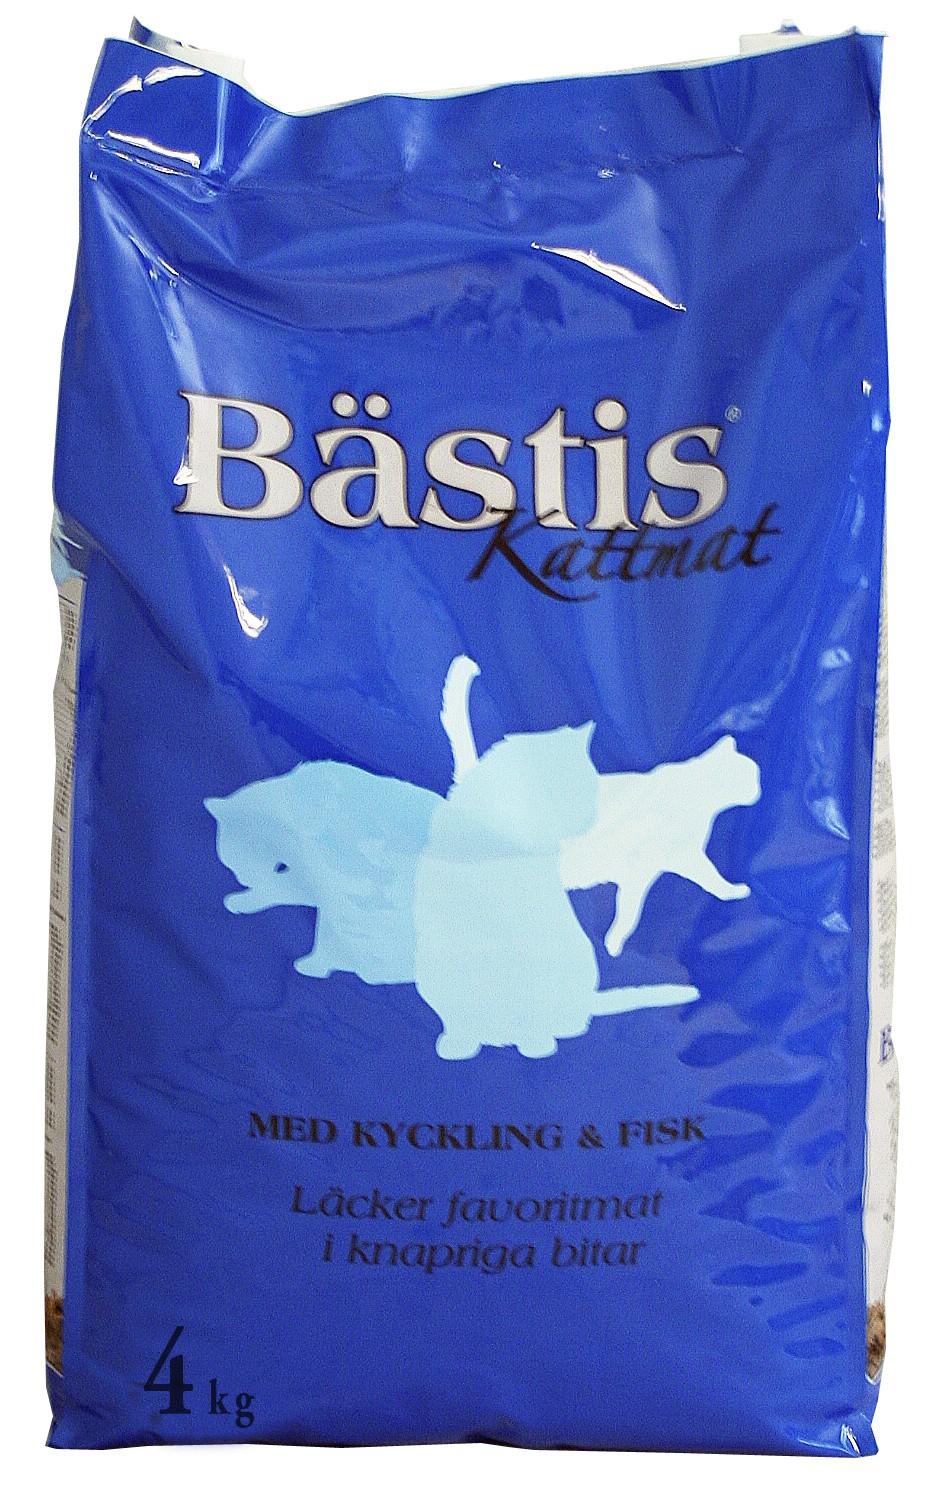 bastis_kycklingfisk_4kg